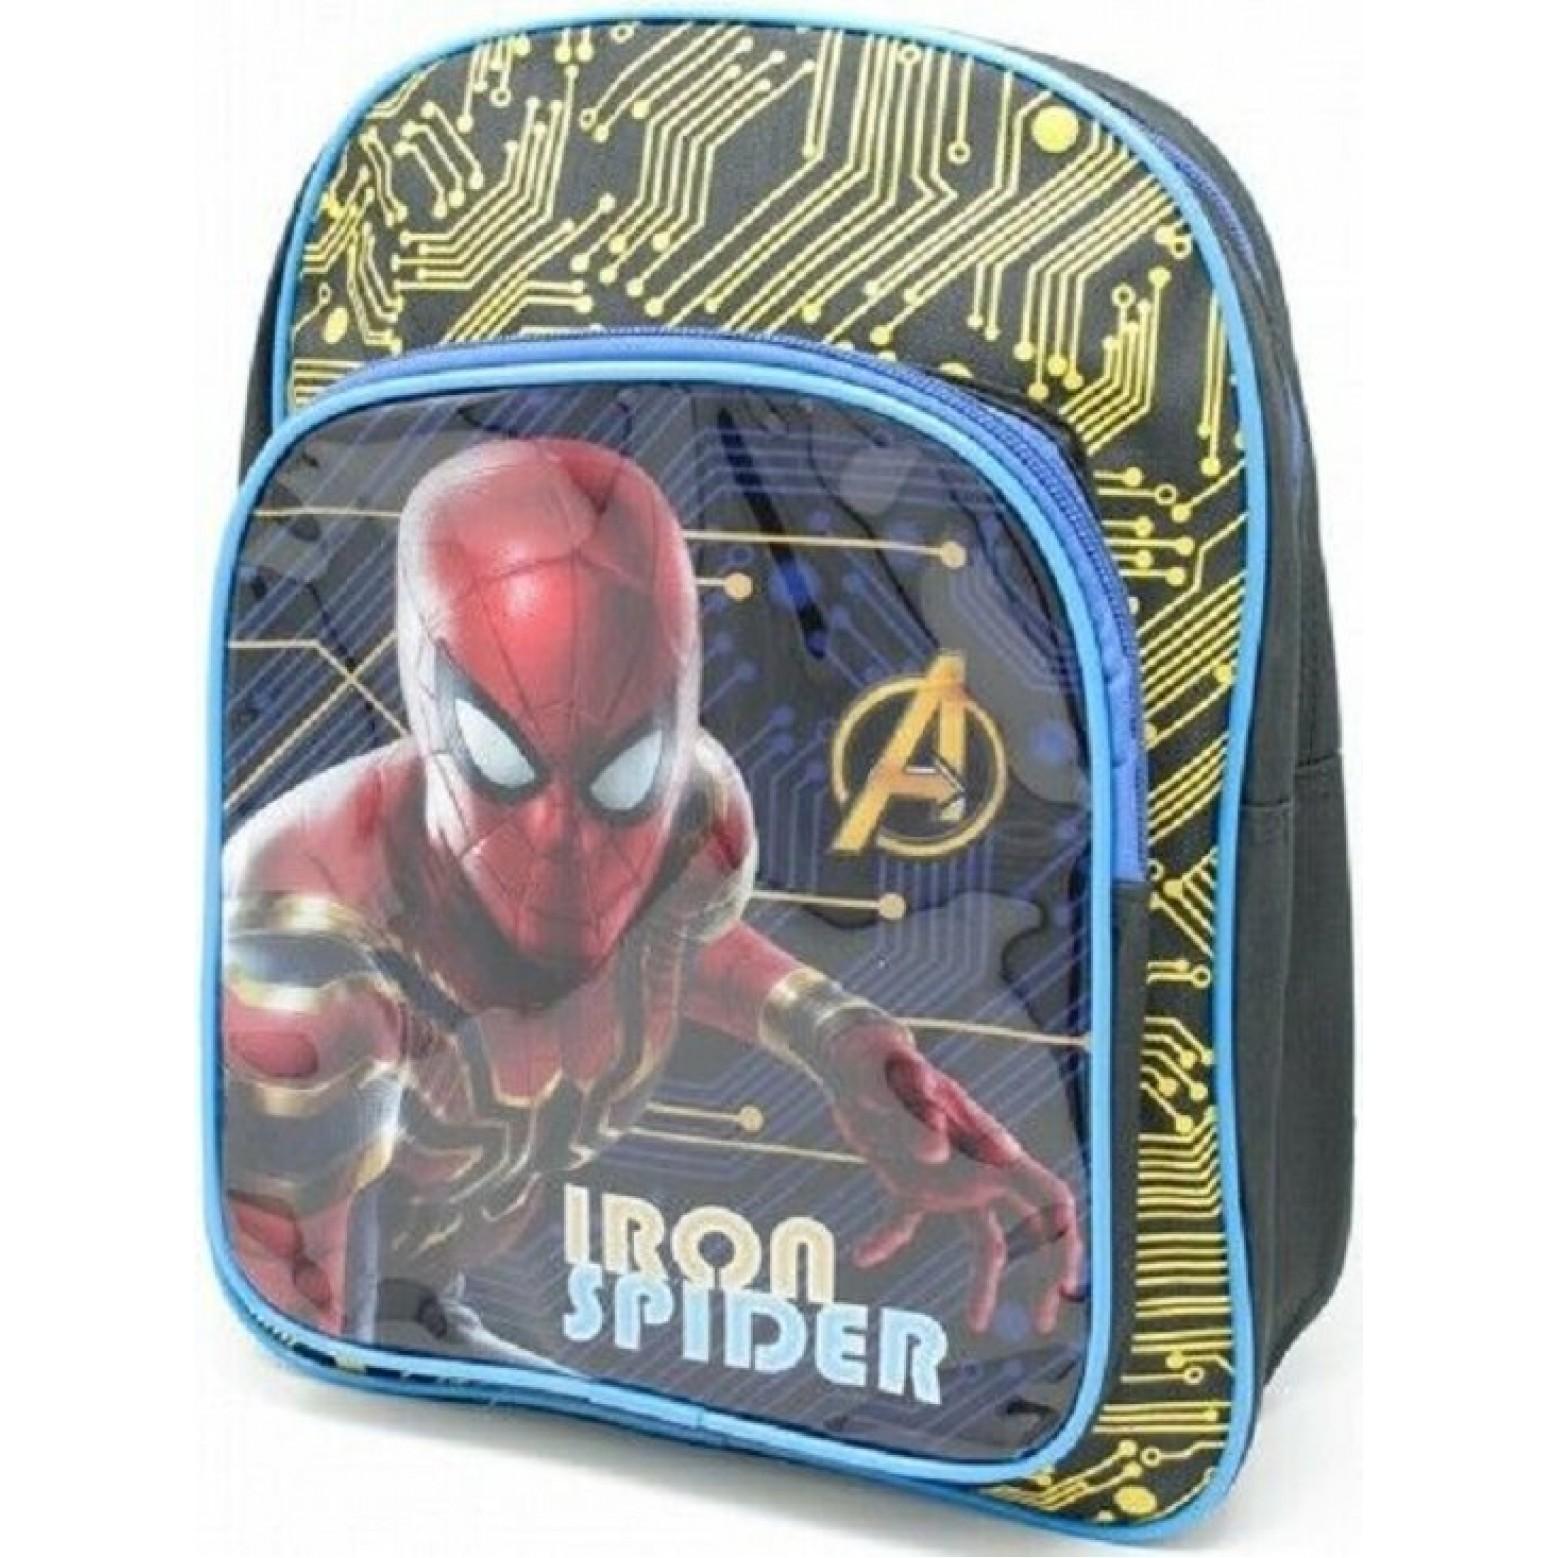 Spiderman rugzak iron spider